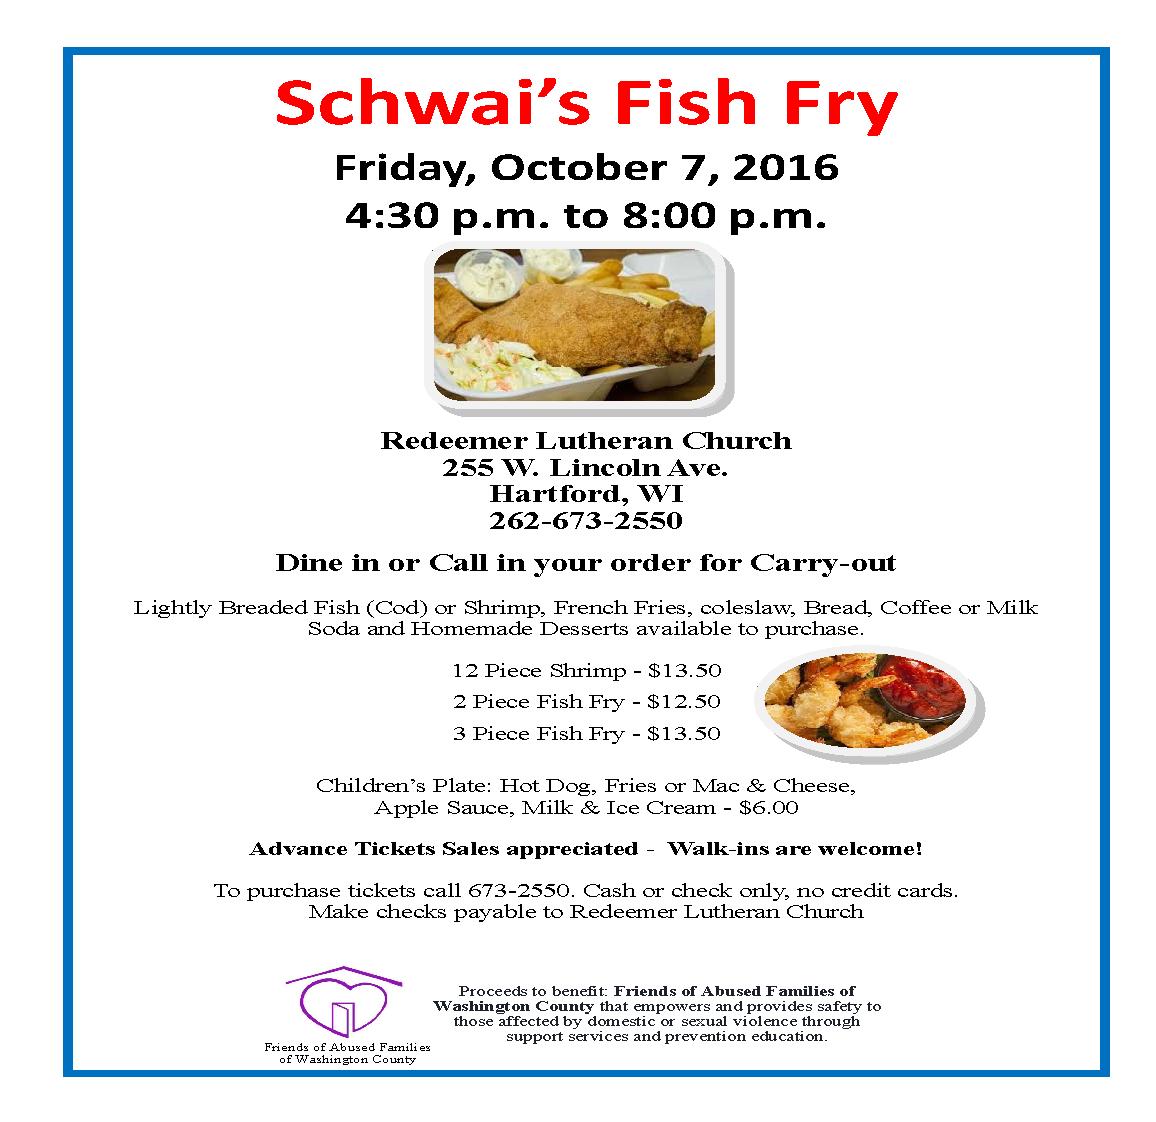 2016 october fish fry flyer redeemer lutheran church